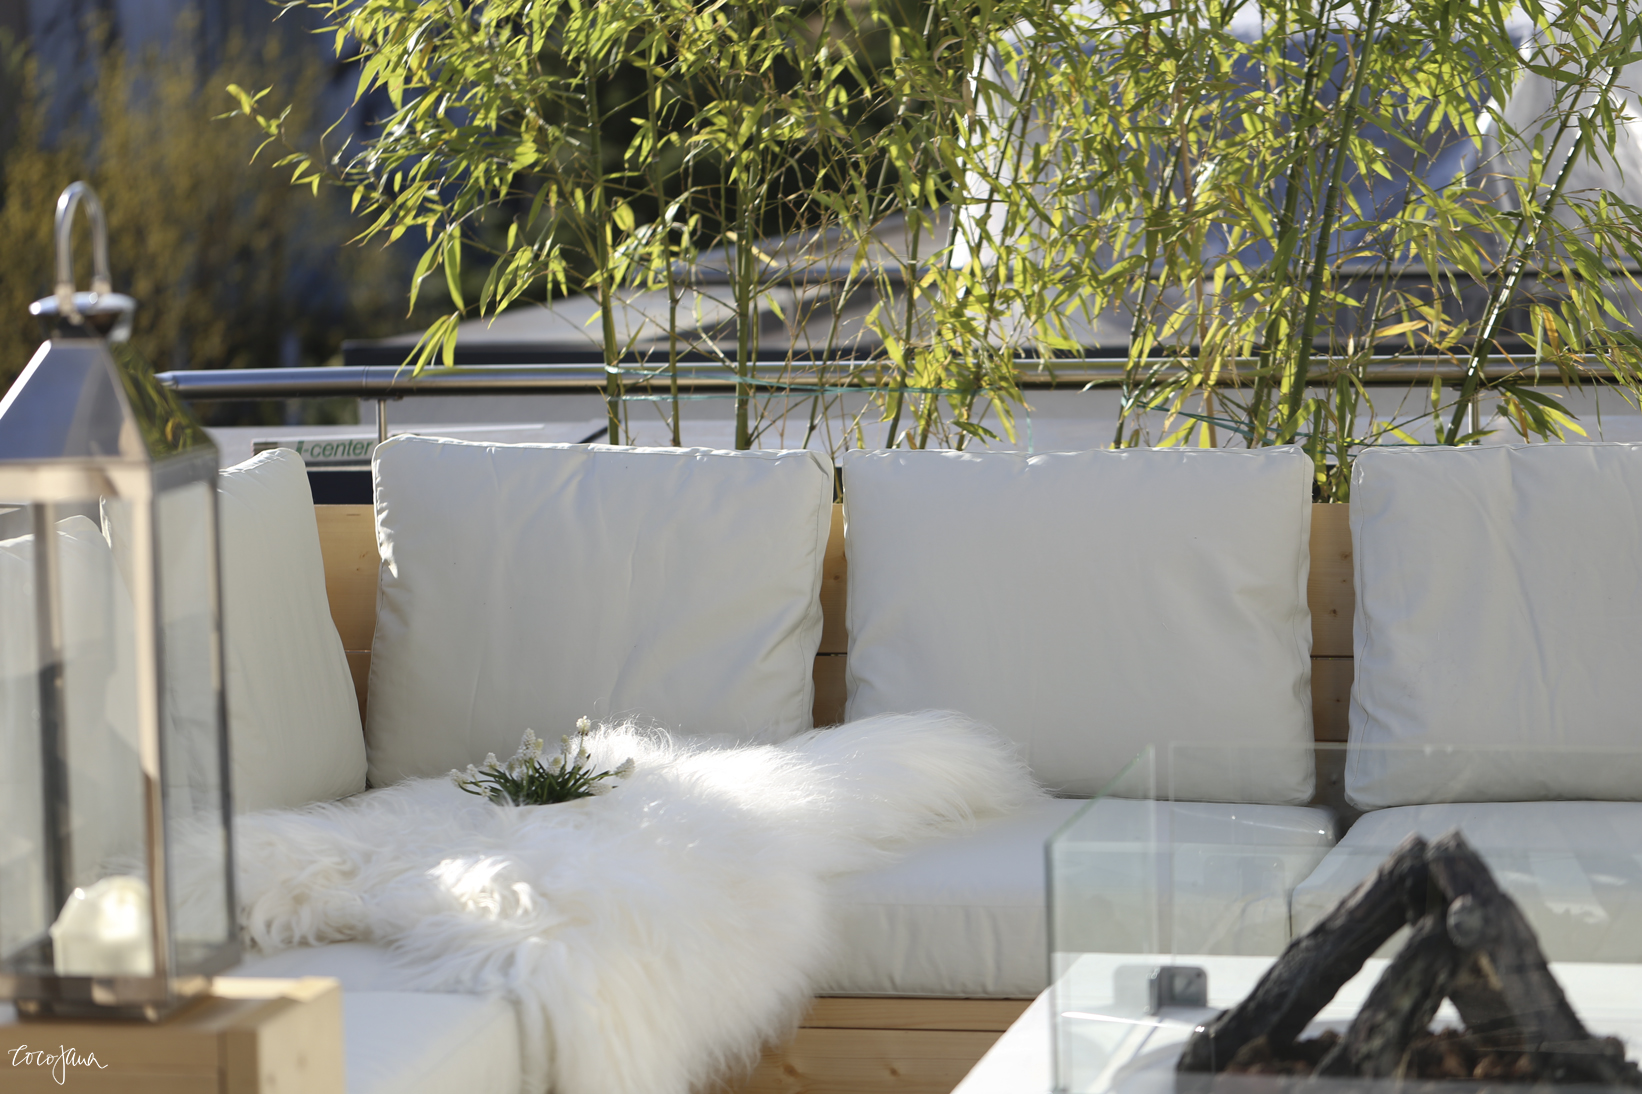 Full Size of Sitzecke Selbst Bauen Diy Loungembel Selber Planungswelten Küche Velux Fenster Einbauen Rolladen Nachträglich Einbauküche Bodengleiche Dusche Bett 180x200 Wohnzimmer Sitzecke Selbst Bauen